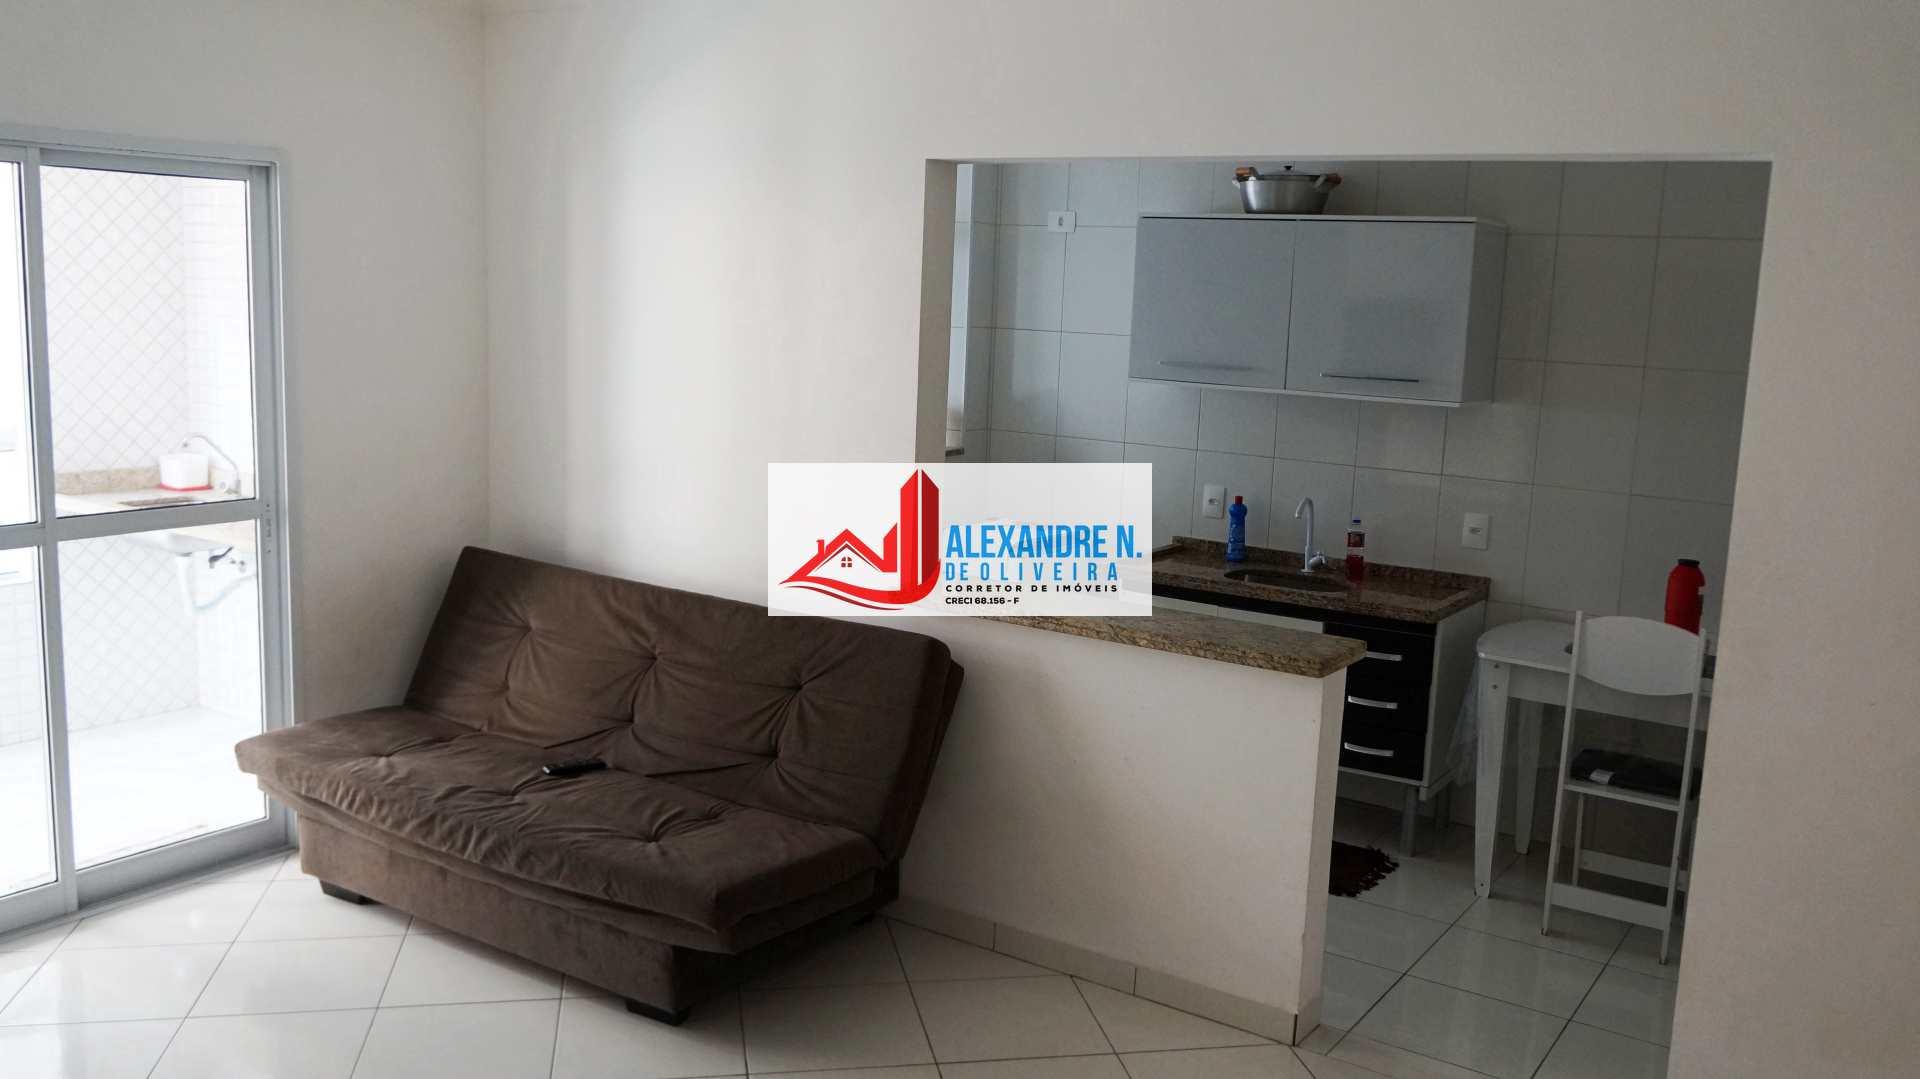 Apto 1 dorm, Aviação, Praia Grande, Entr. R$ 130 mil, AP00669